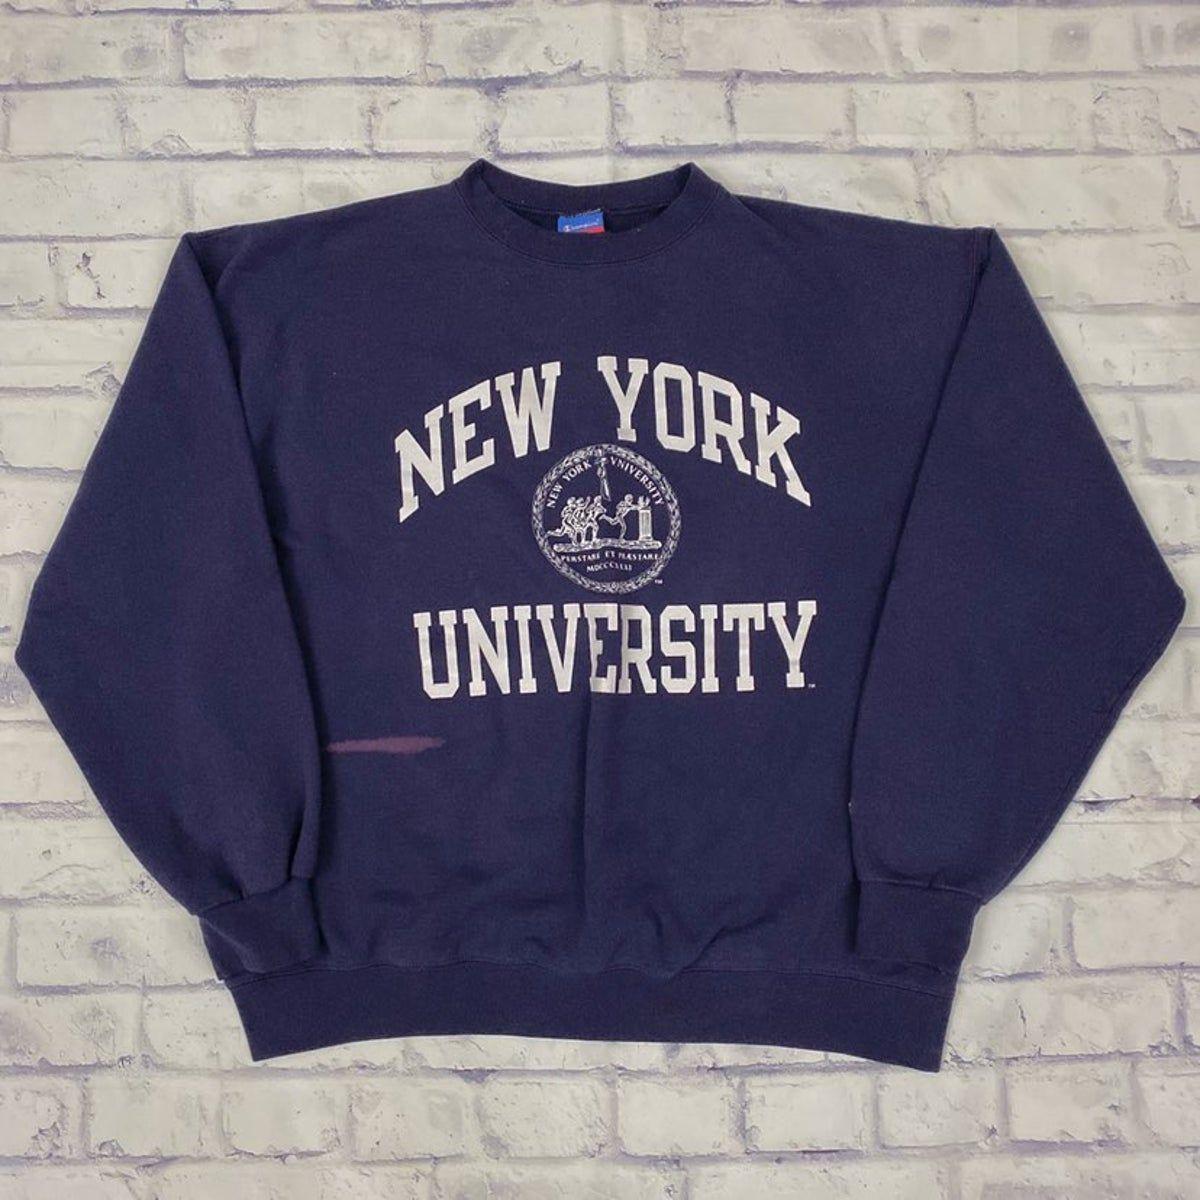 Champion New York Nyu Pullover Sweater Nyu Sweatshirt College Shirts Nyc Student [ 1200 x 1200 Pixel ]